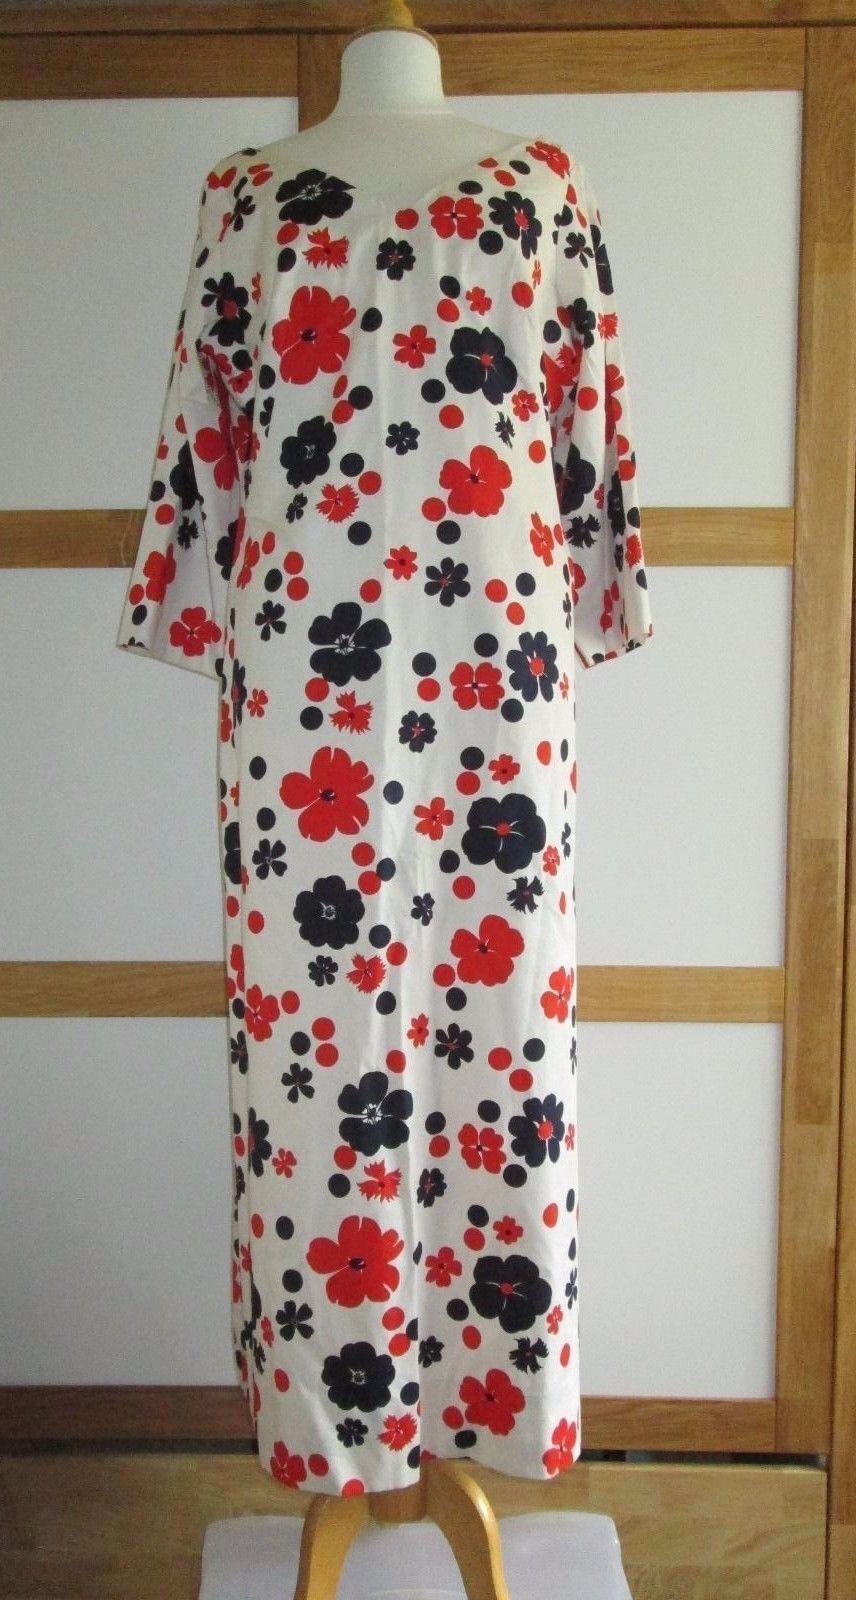 Ladies ORIGINAL VINTAGE 1970's FLORAL COTTON MAXI SUMMER DRESS UK SIZE 18